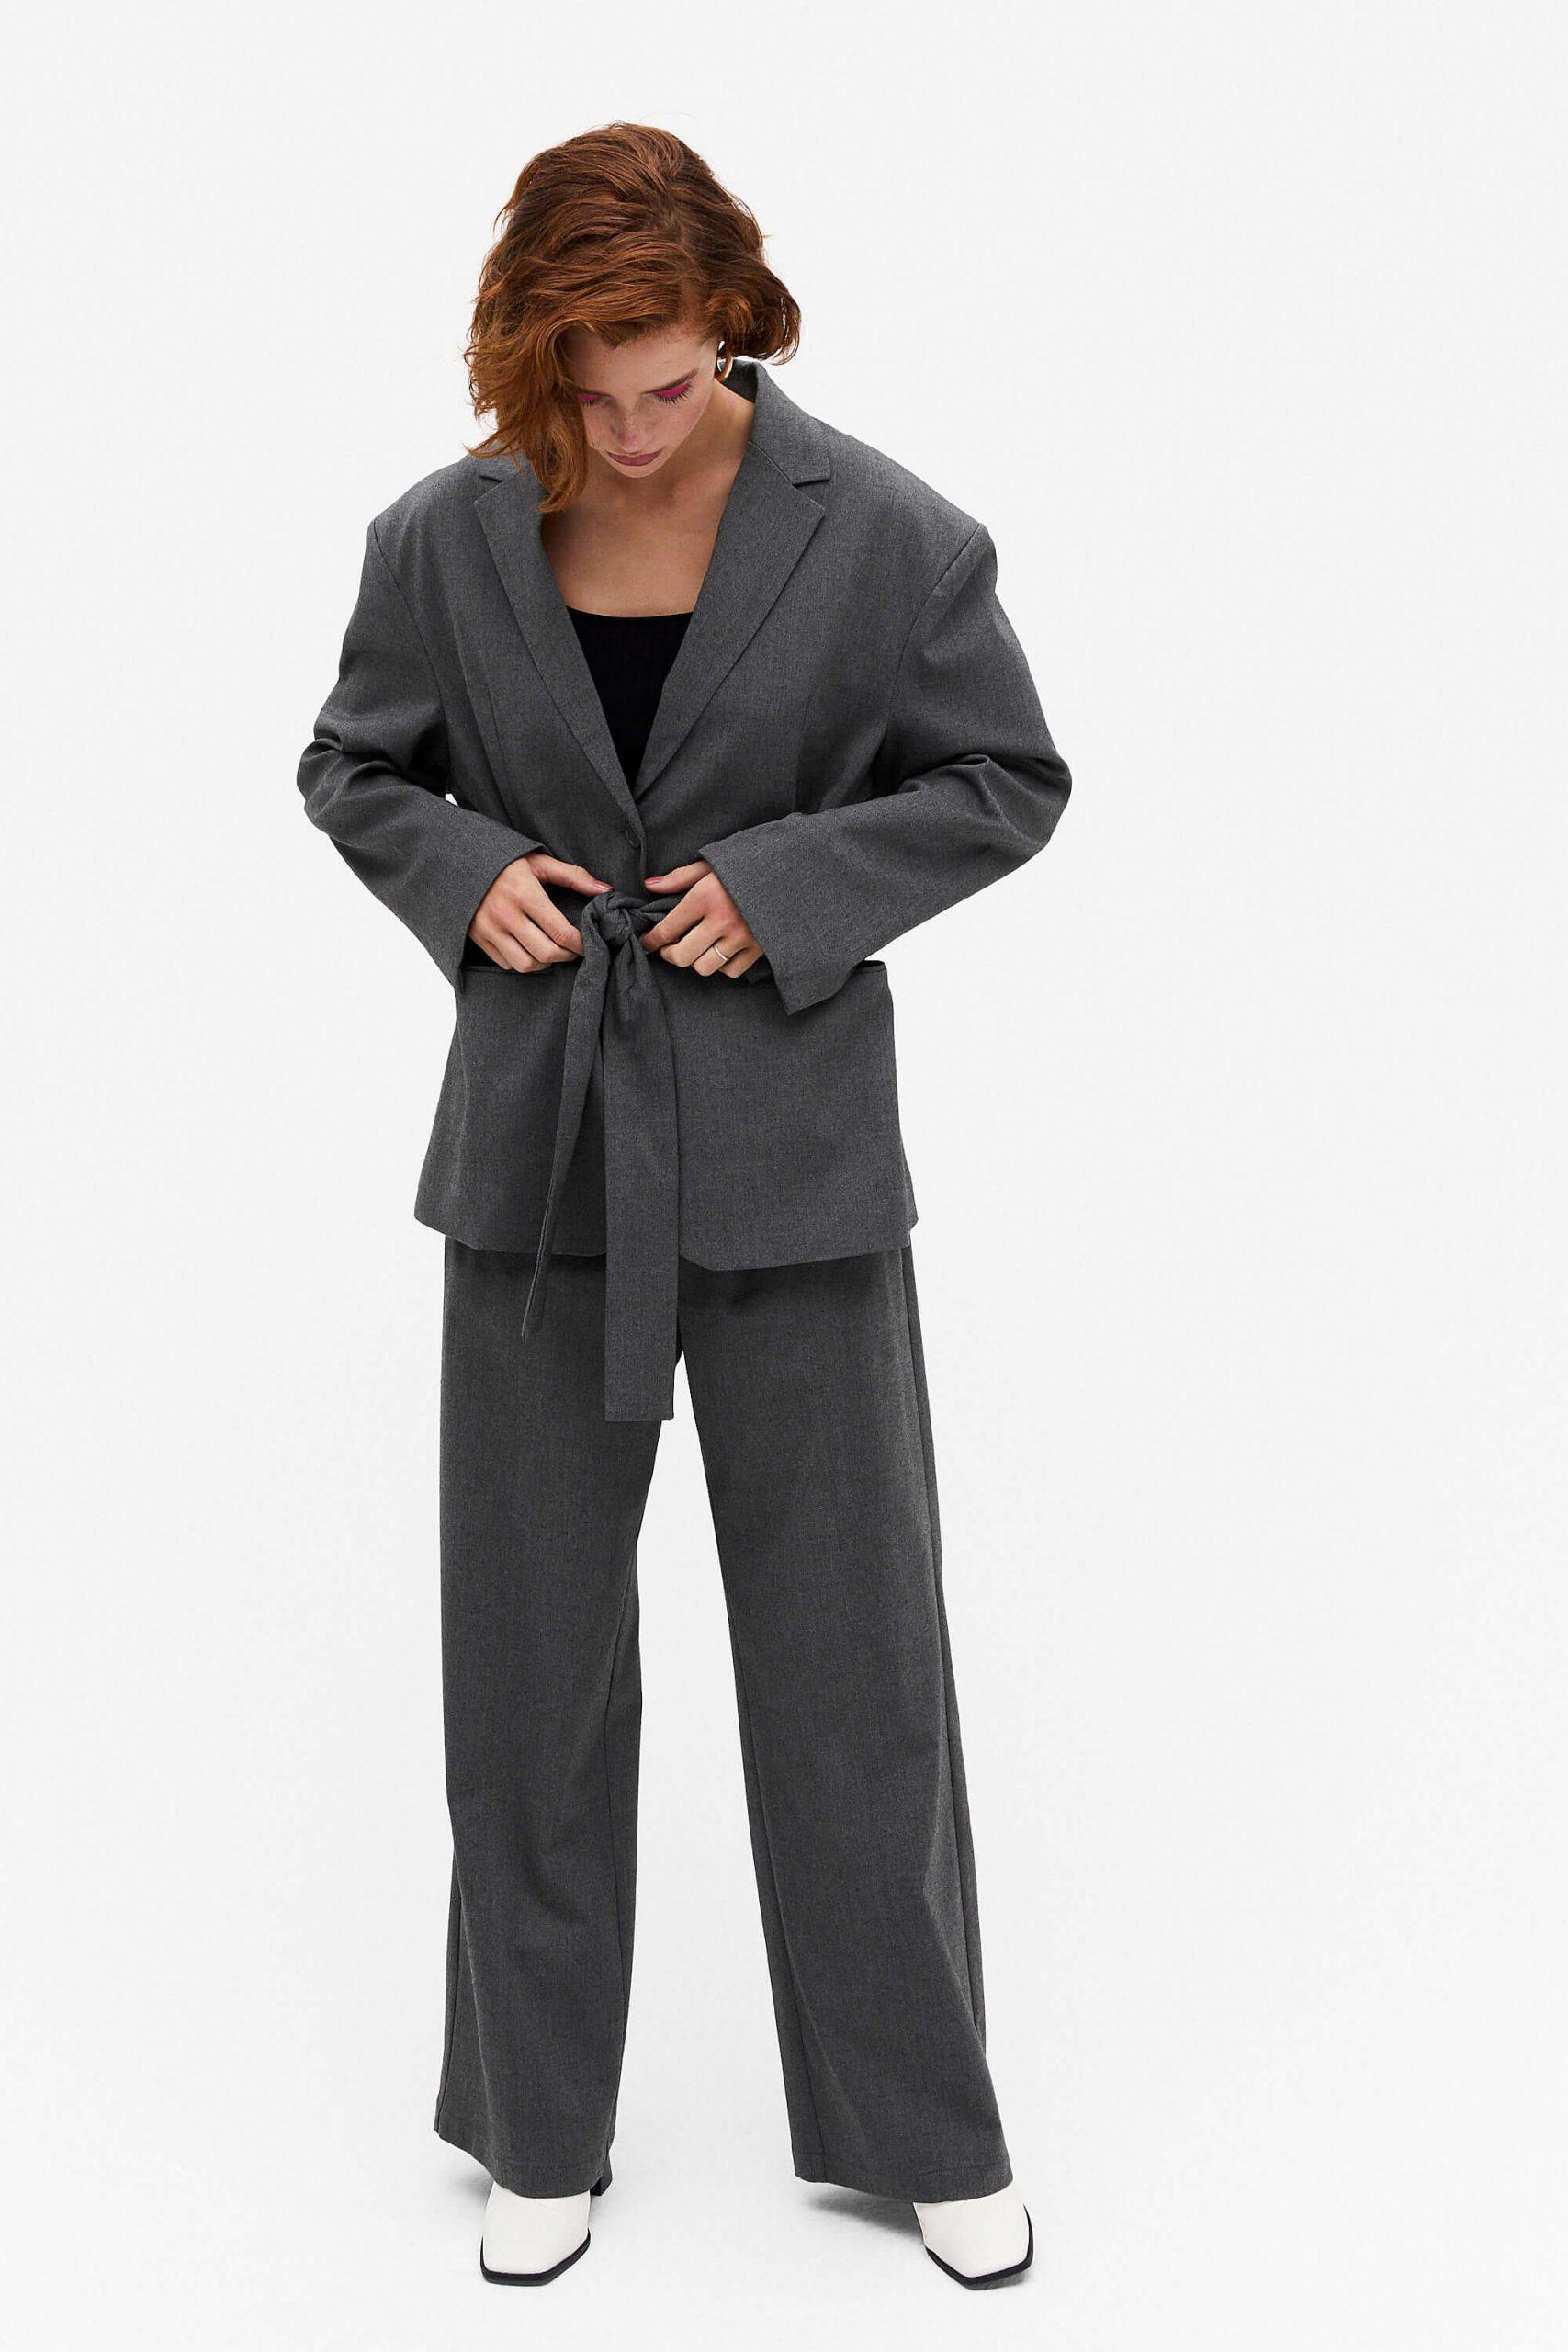 Mörkgrå kostym kvinna